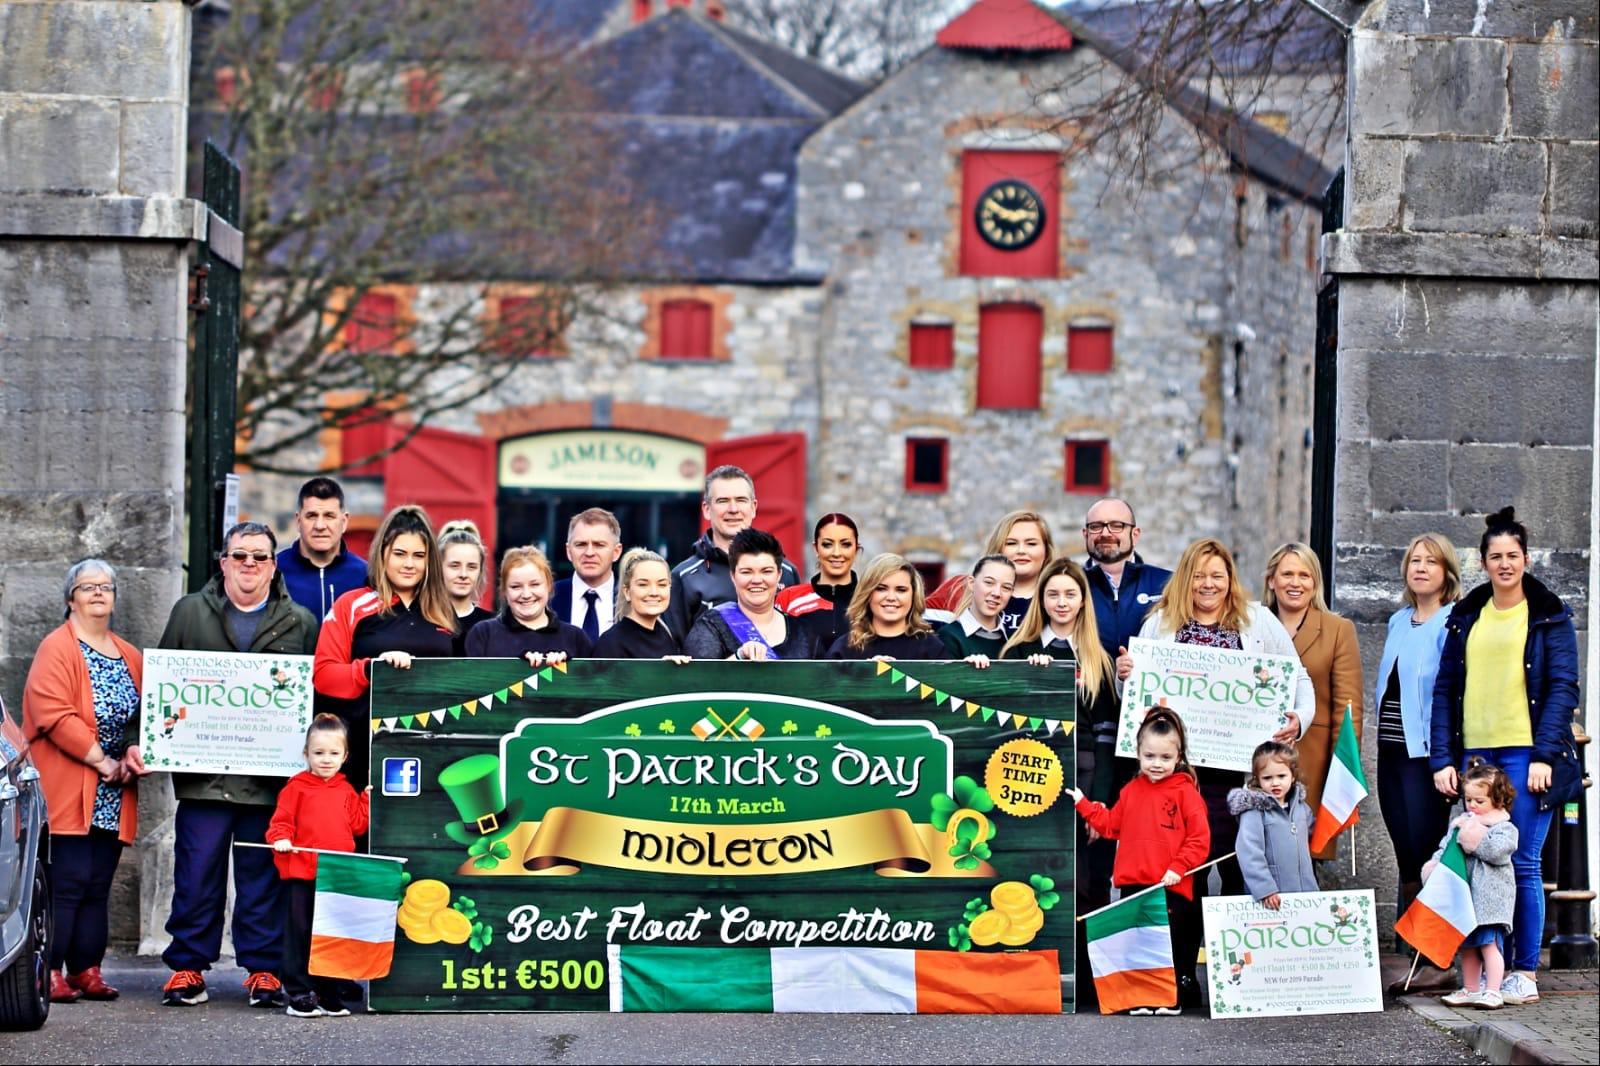 2019 Midleton St Patricks Day Parade - Ring of Cork